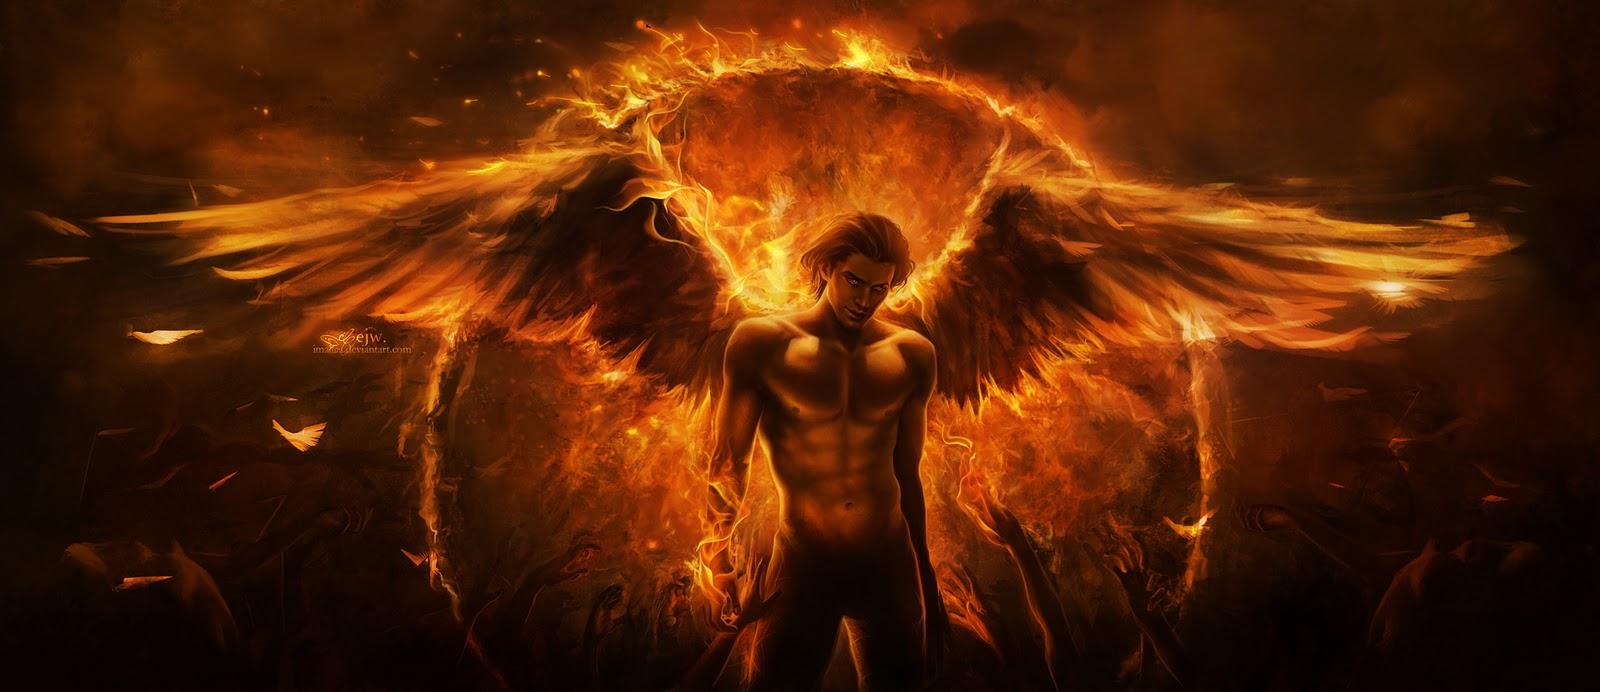 angel_of_fire_fallen_angel